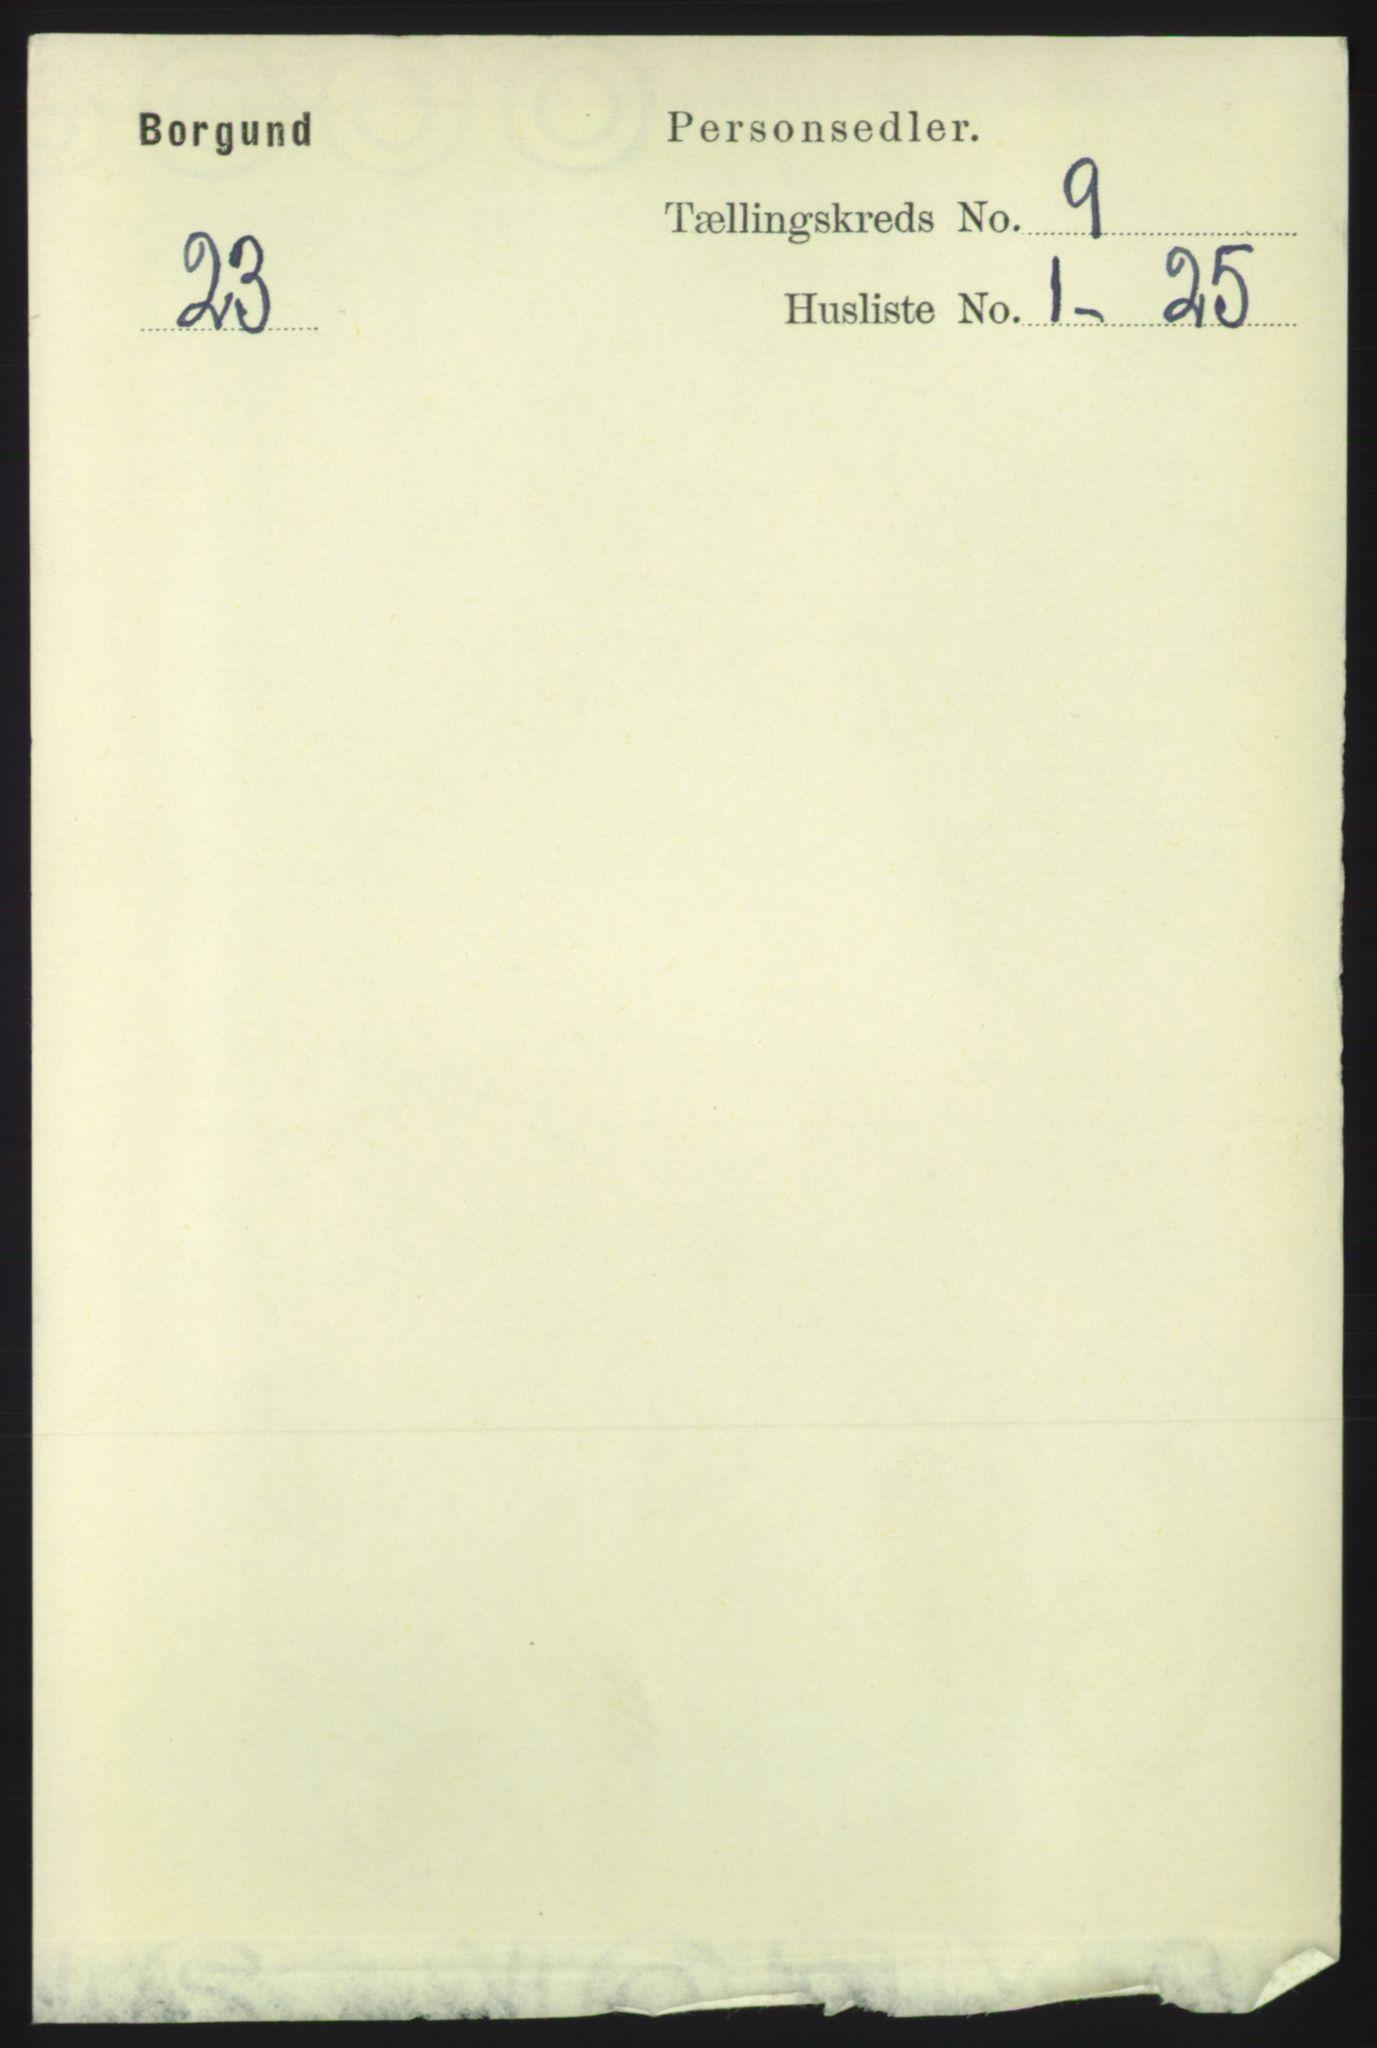 RA, Folketelling 1891 for 1531 Borgund herred, 1891, s. 2271